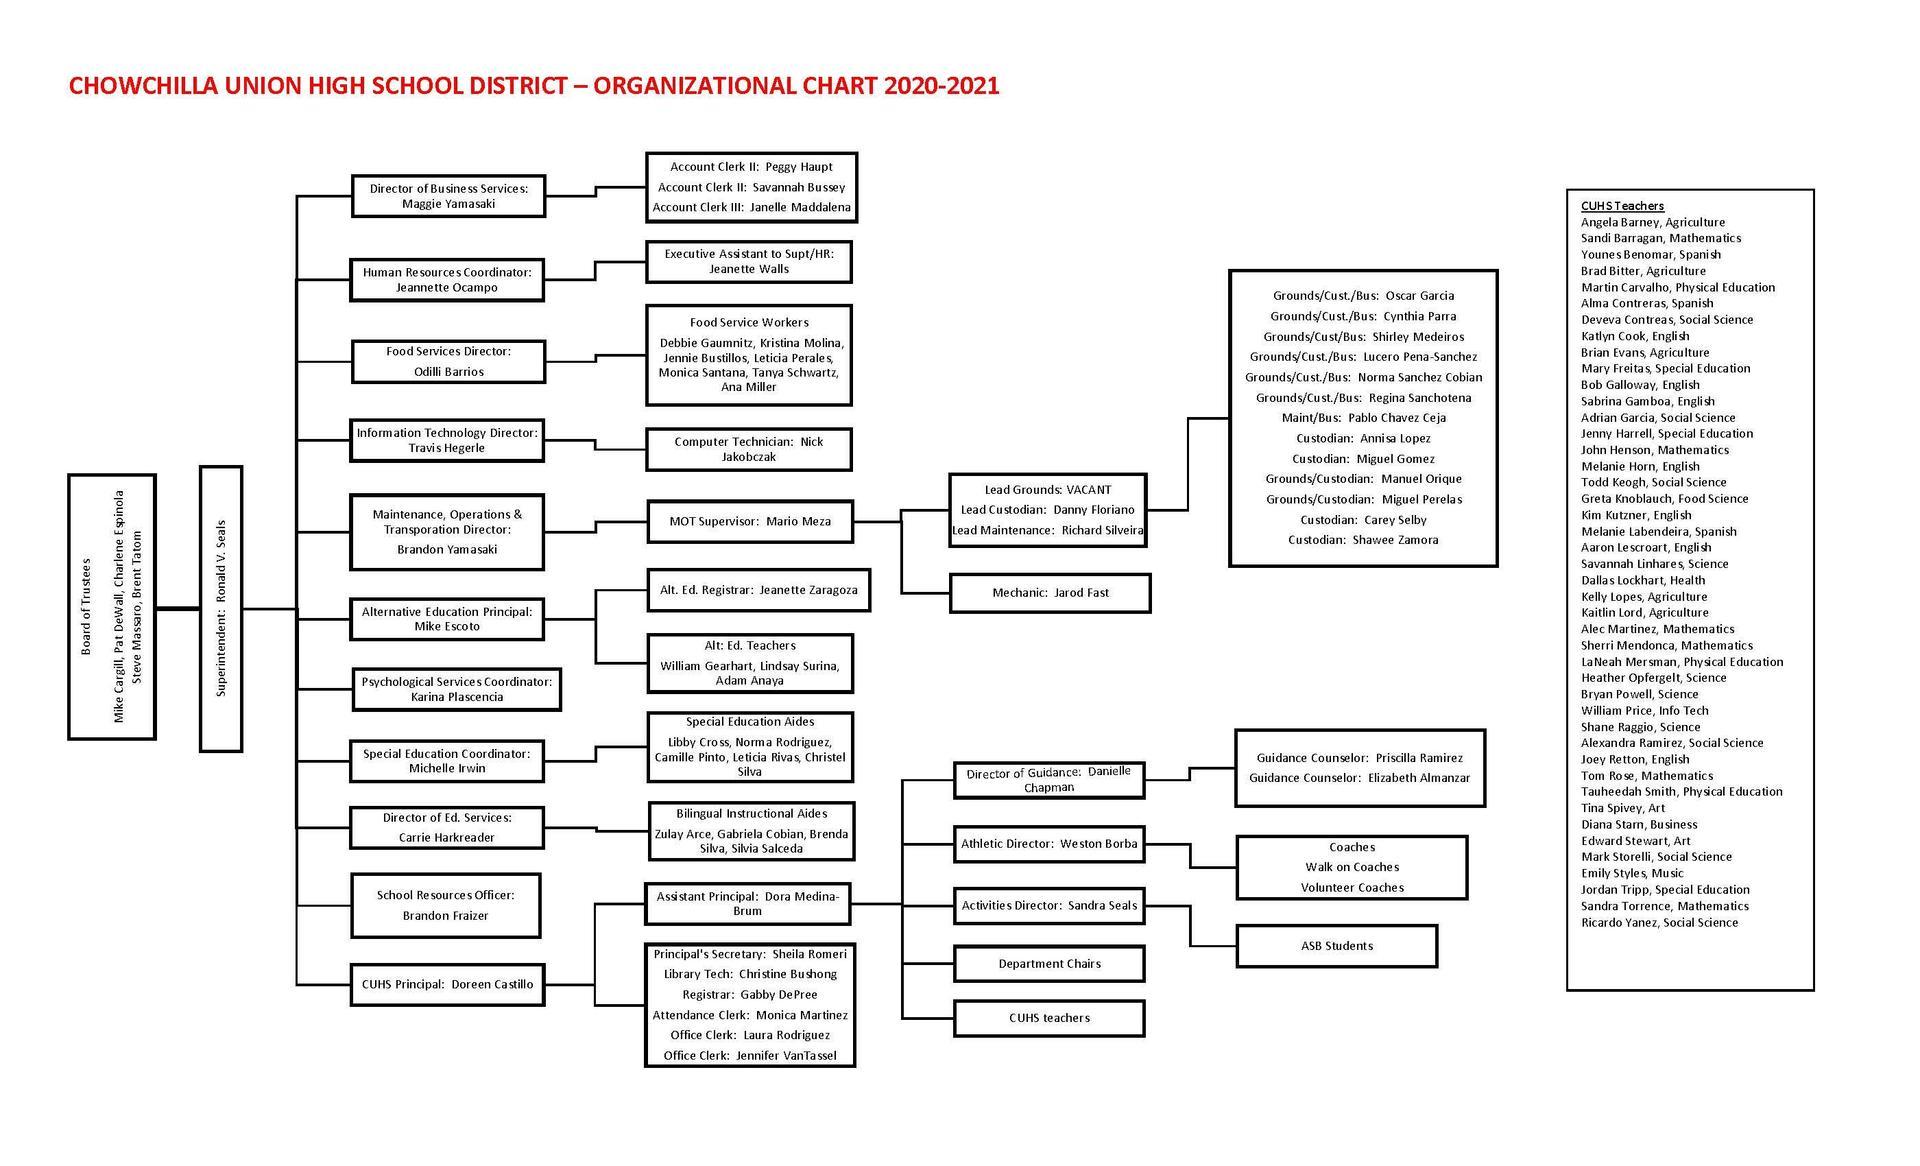 20/21 Organizational Chart